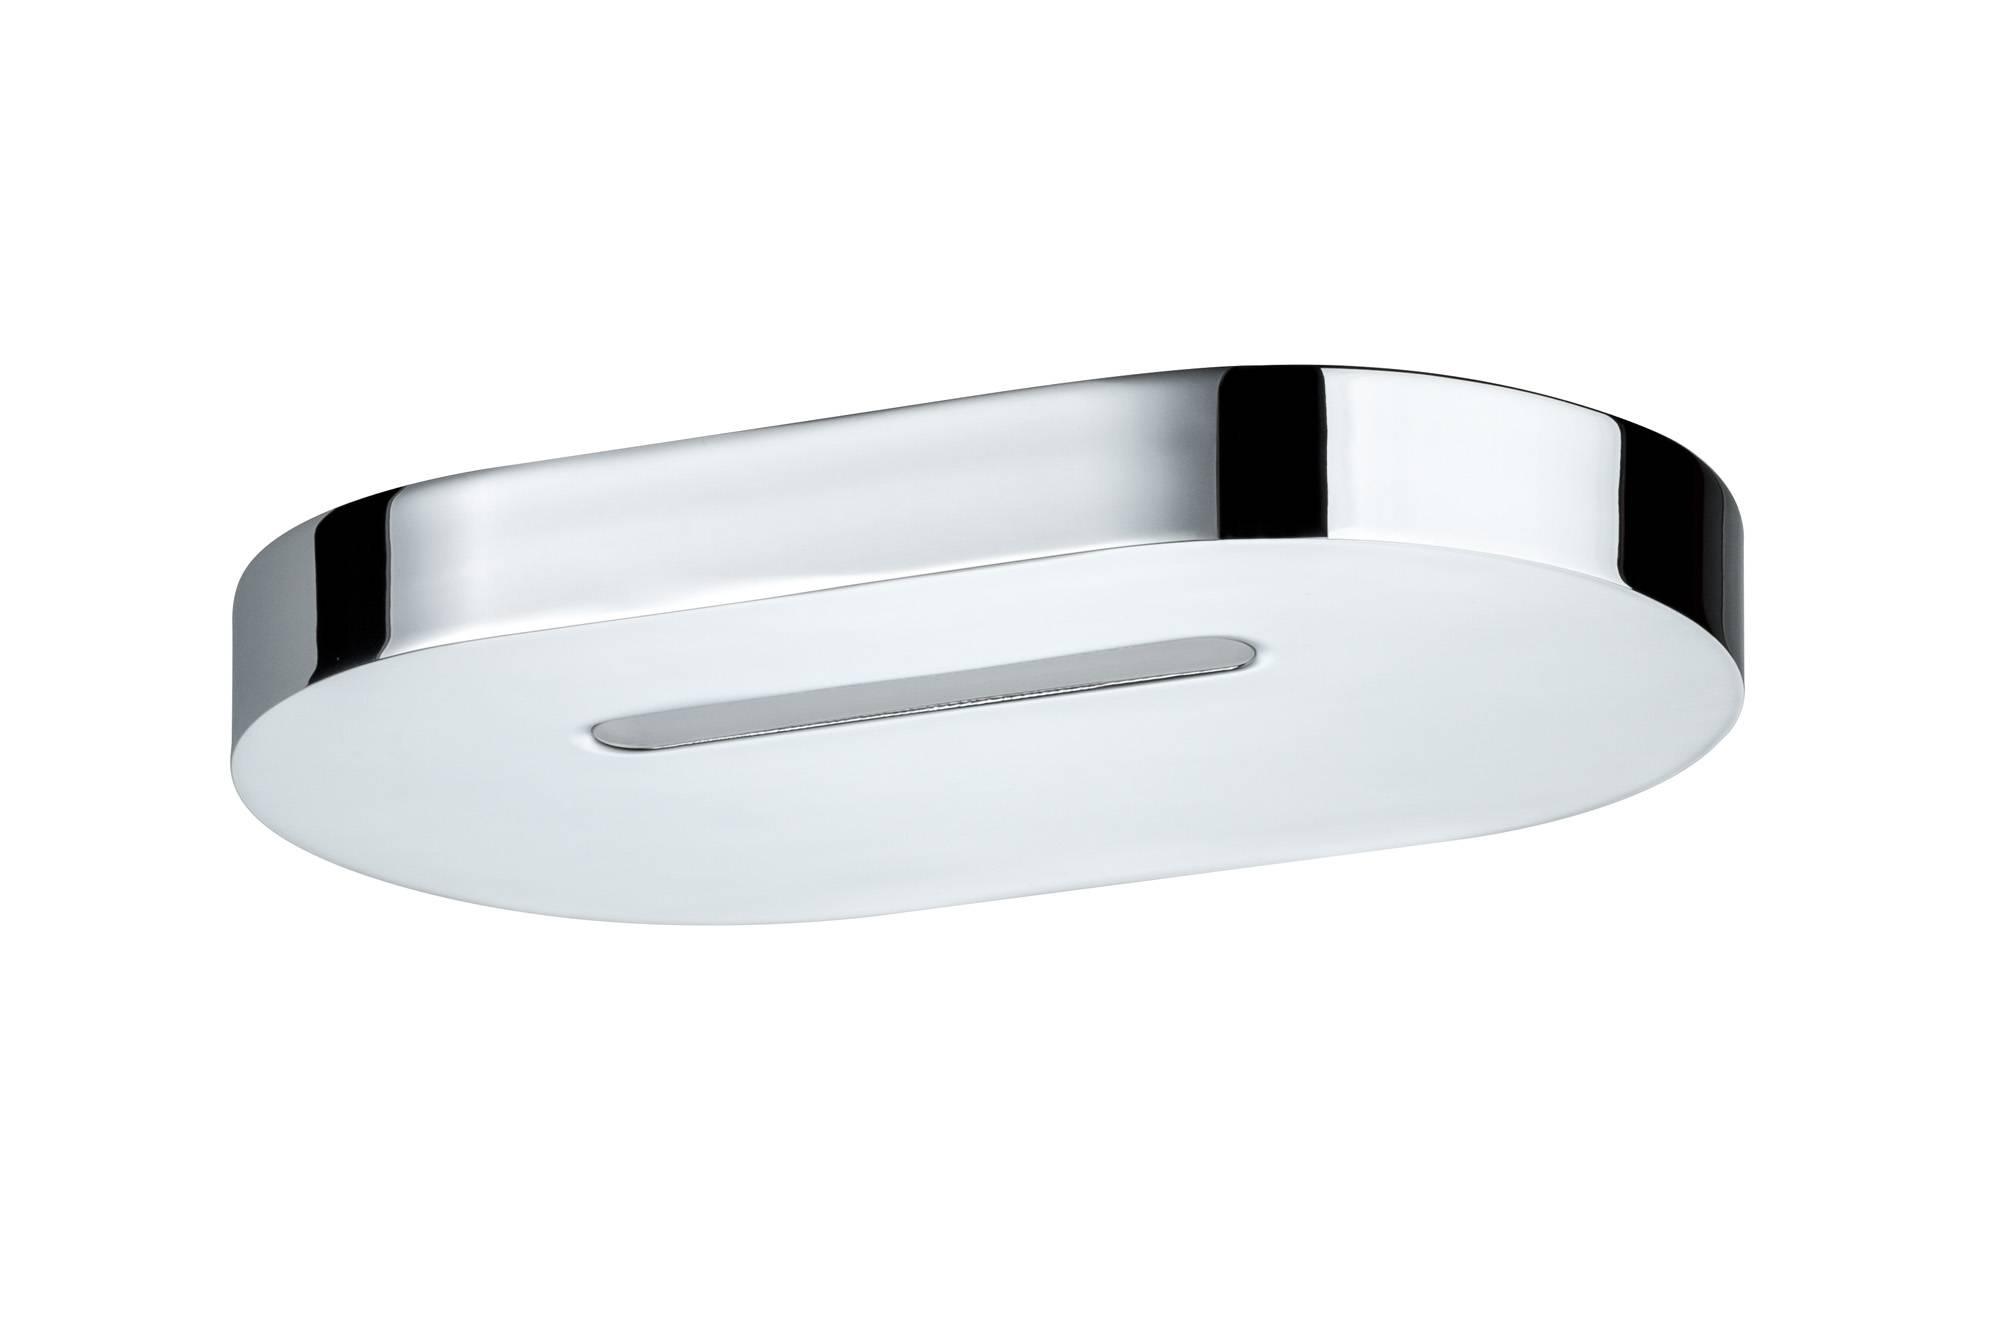 Светильники для ванной: виды, варианты дизайна, советы по подключению и по подбору типа освещения (95 фото)